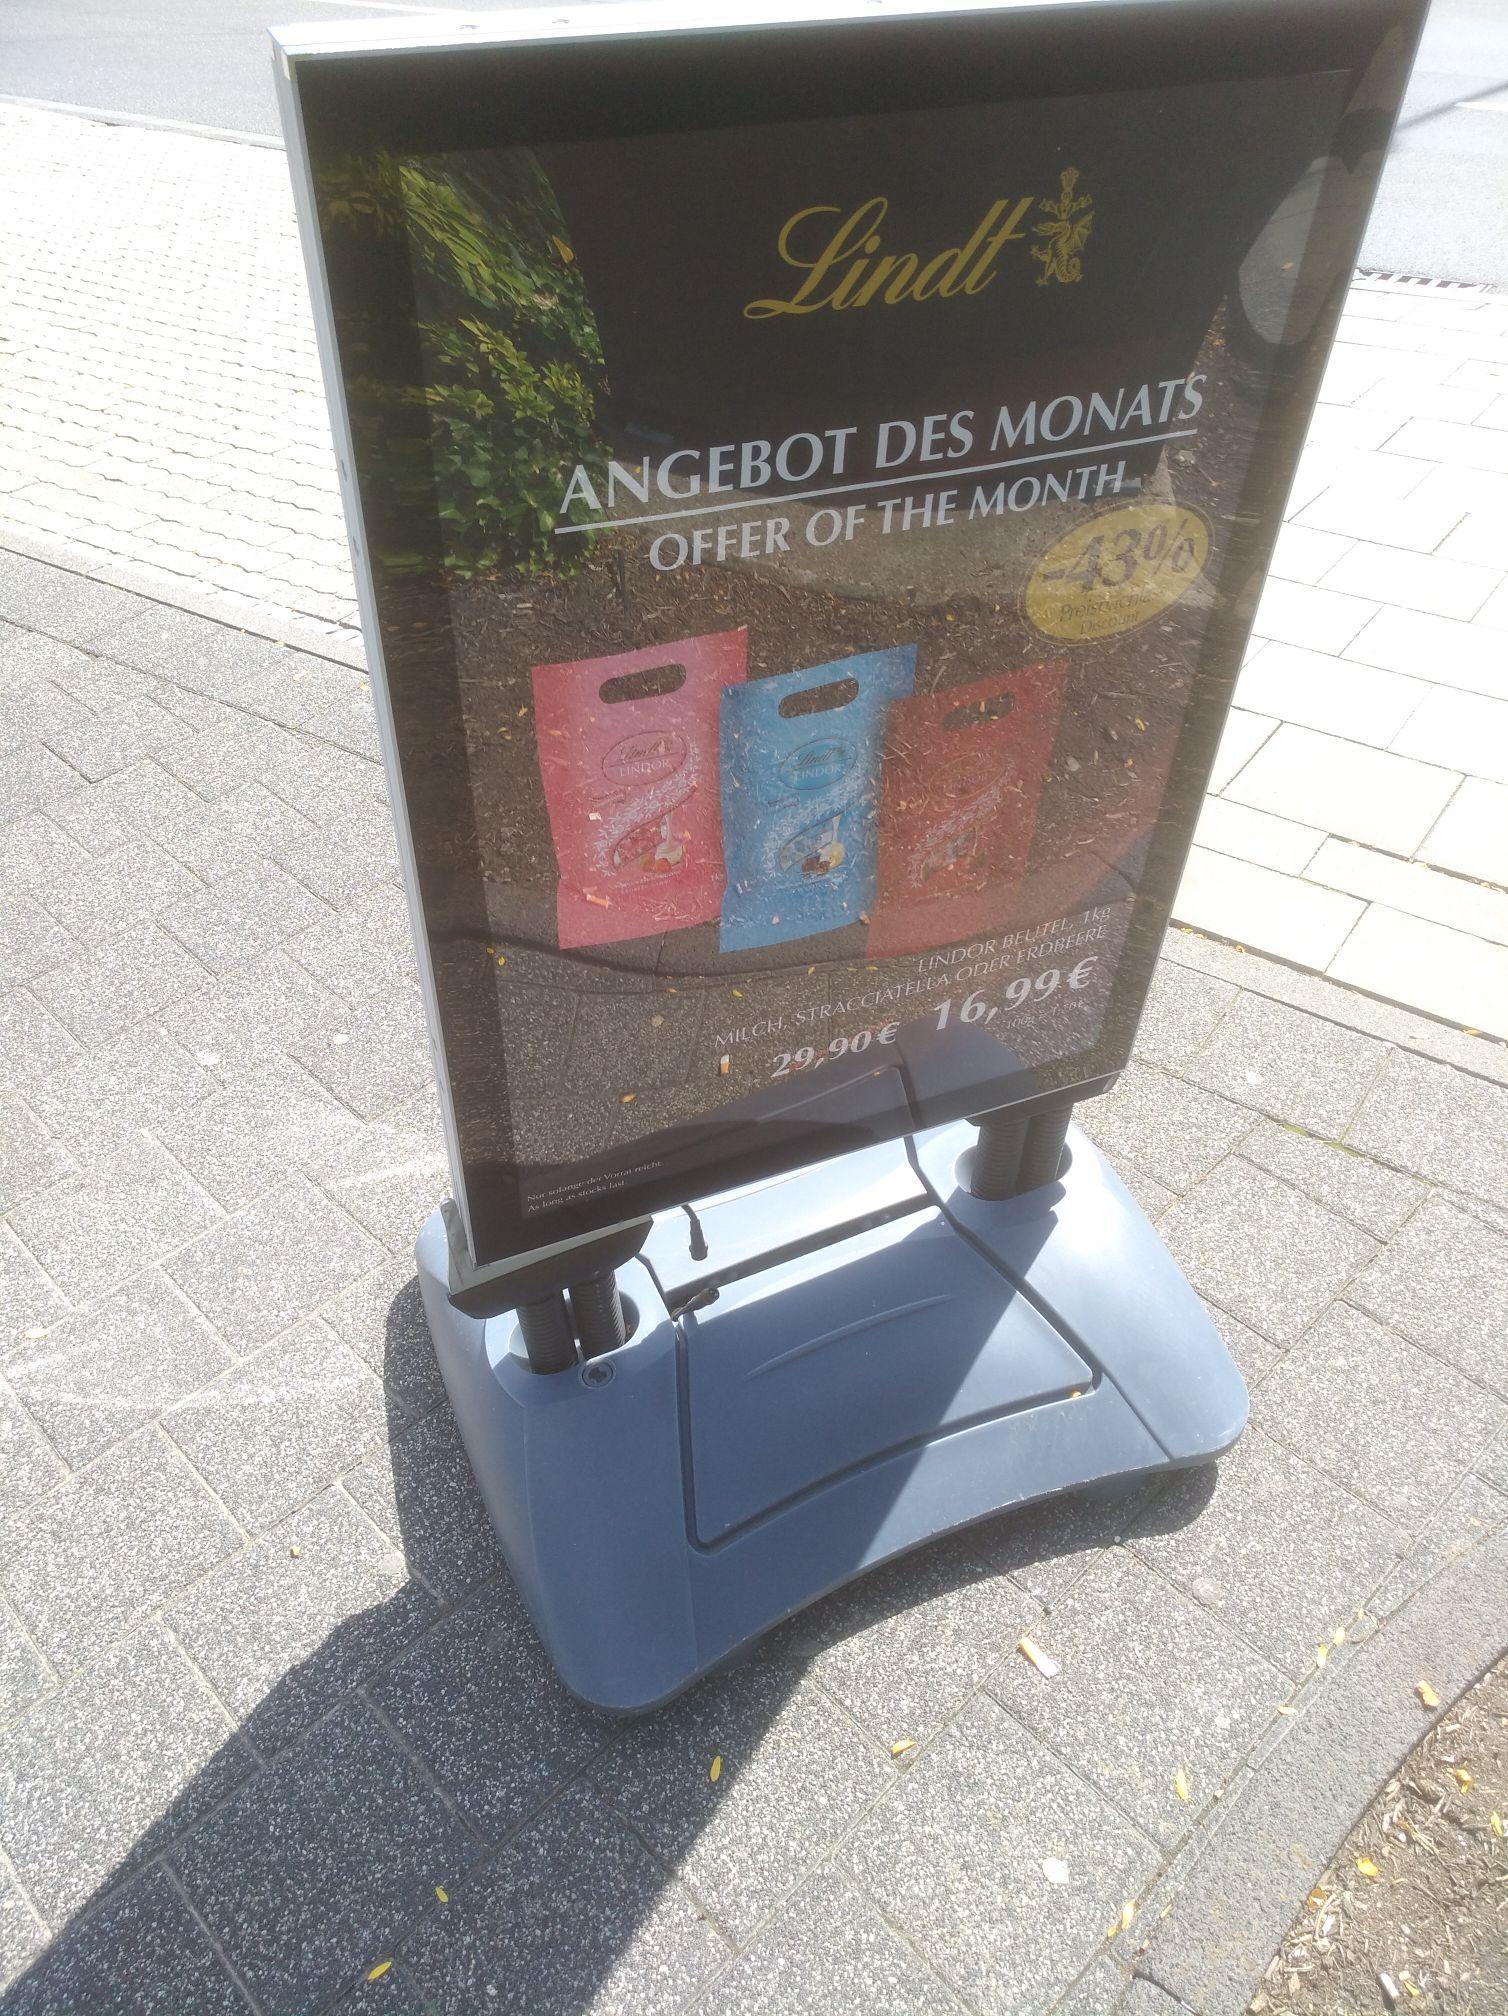 Grensdeal Aken: 2,25 kg Lindt chocolade €9,99 of 1 kilo Lindor €16,99